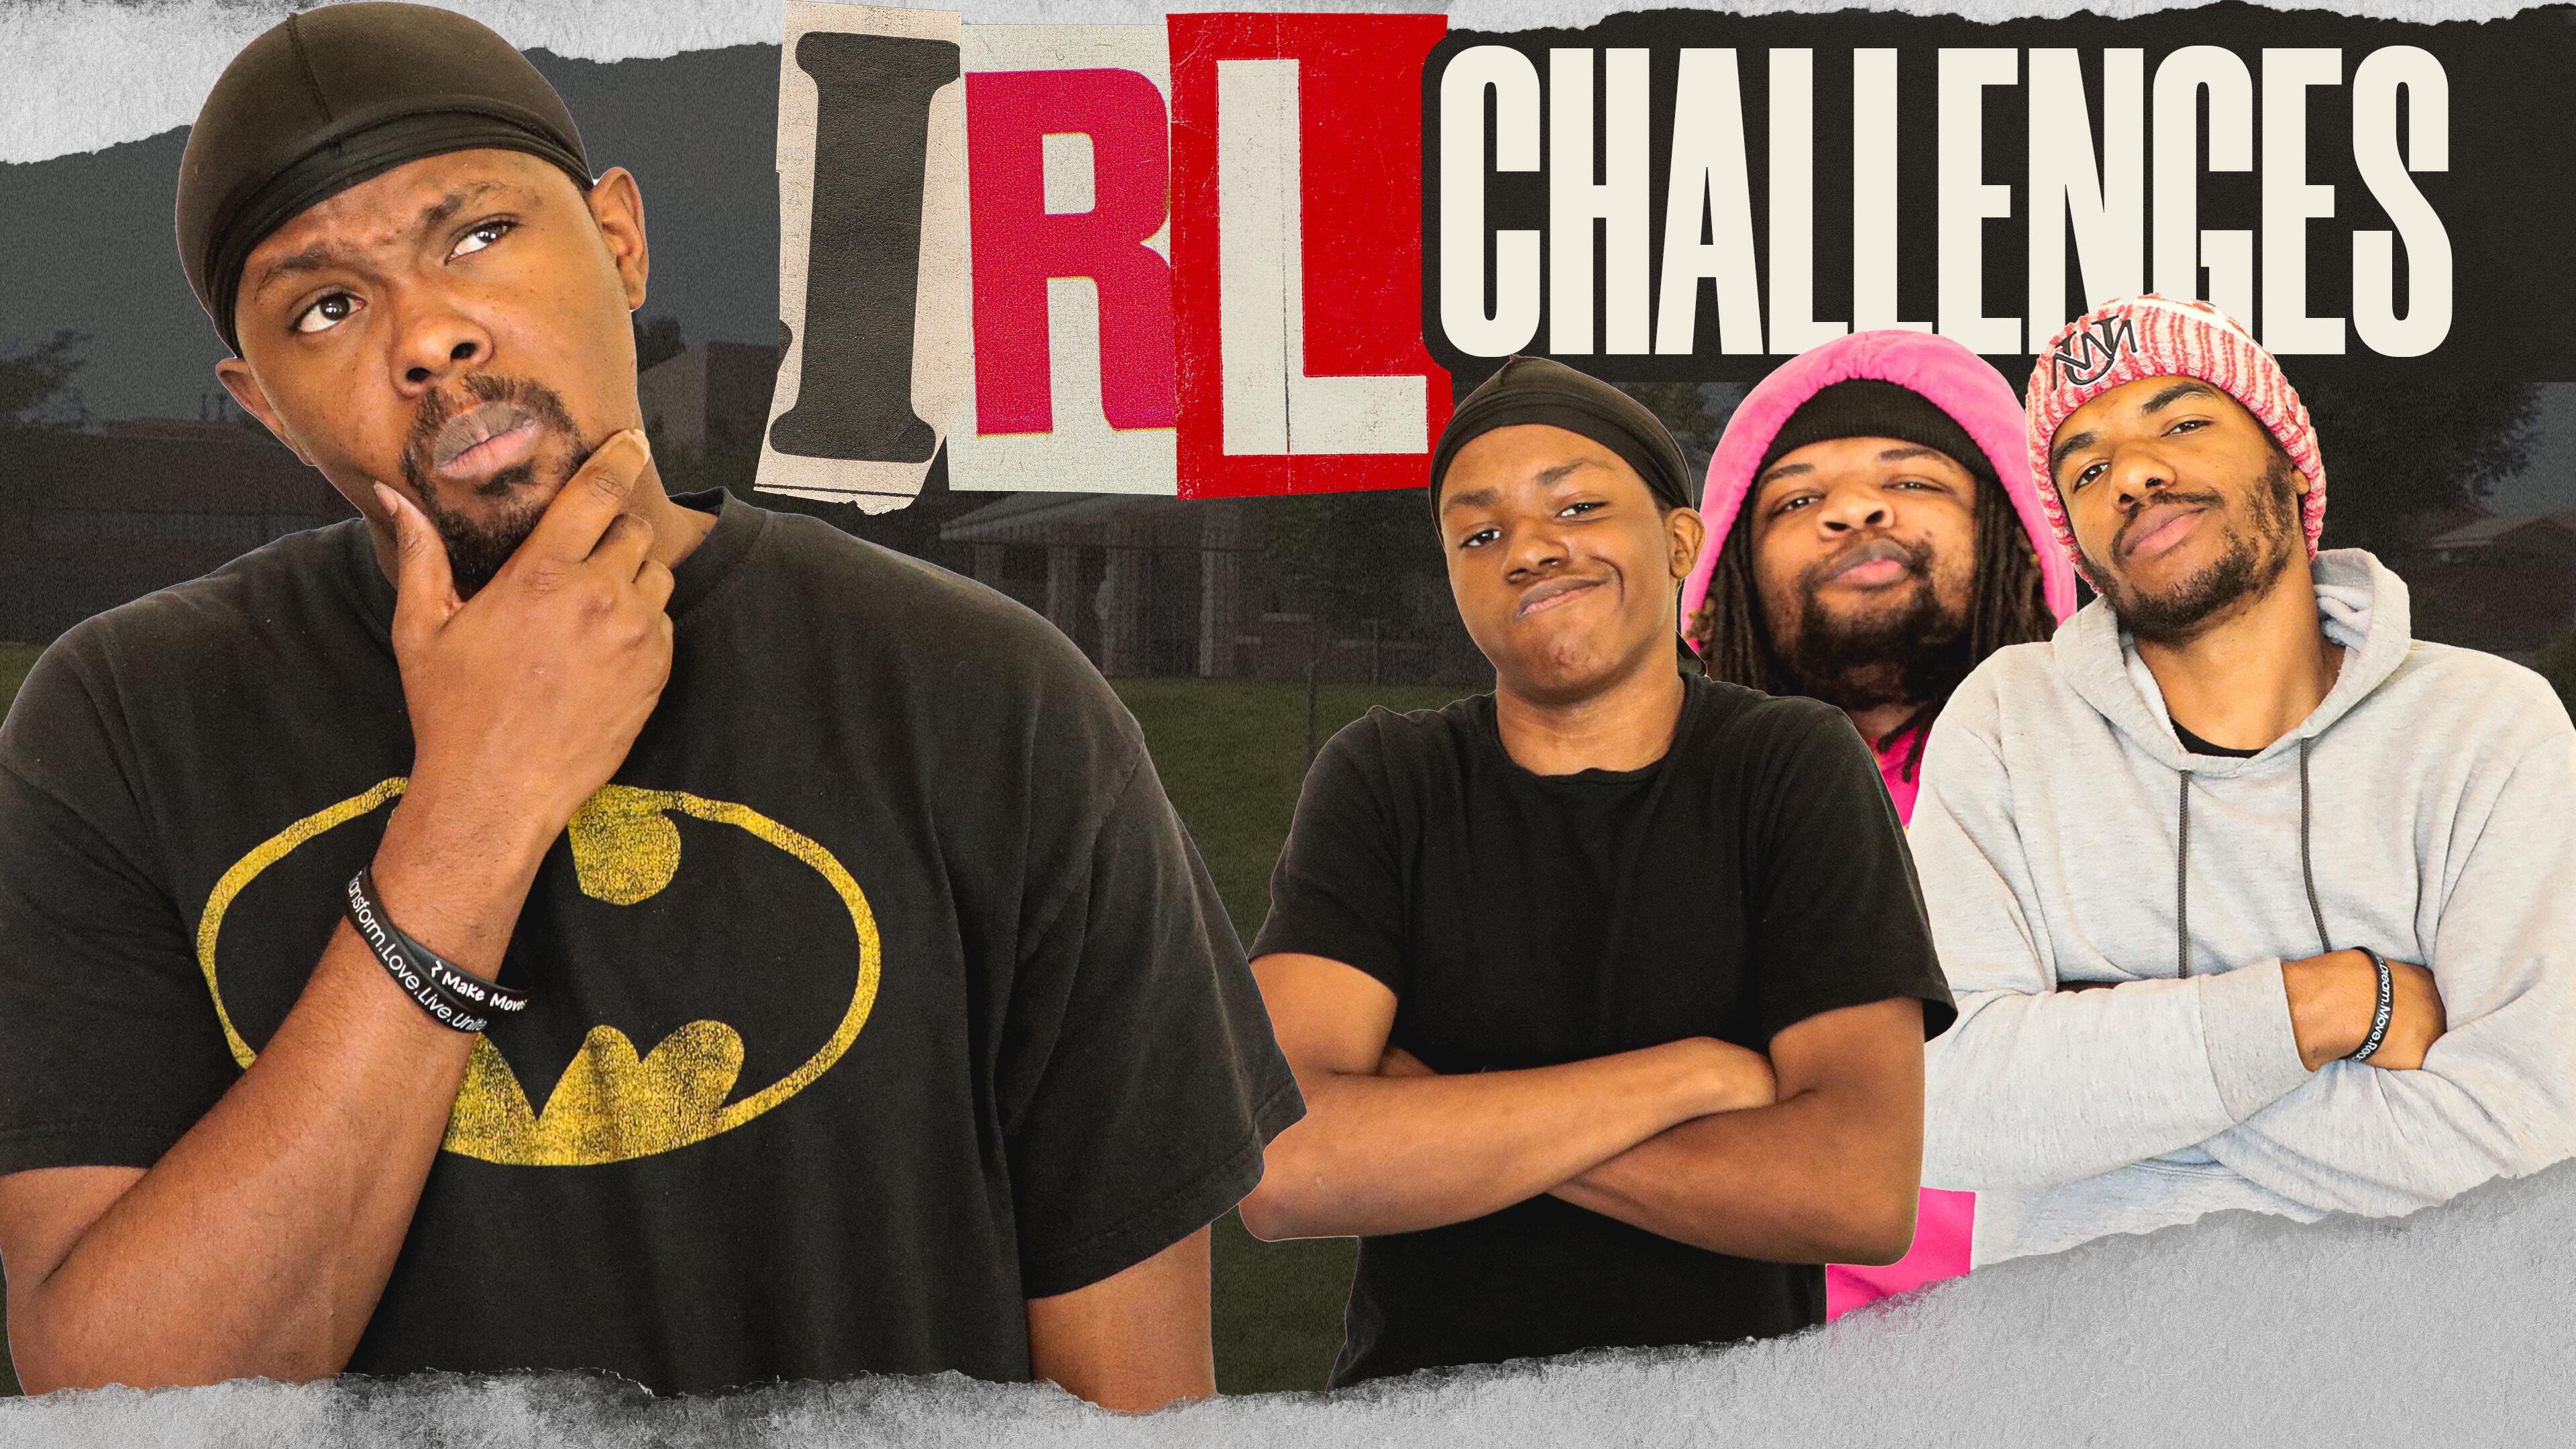 IRL Challenges